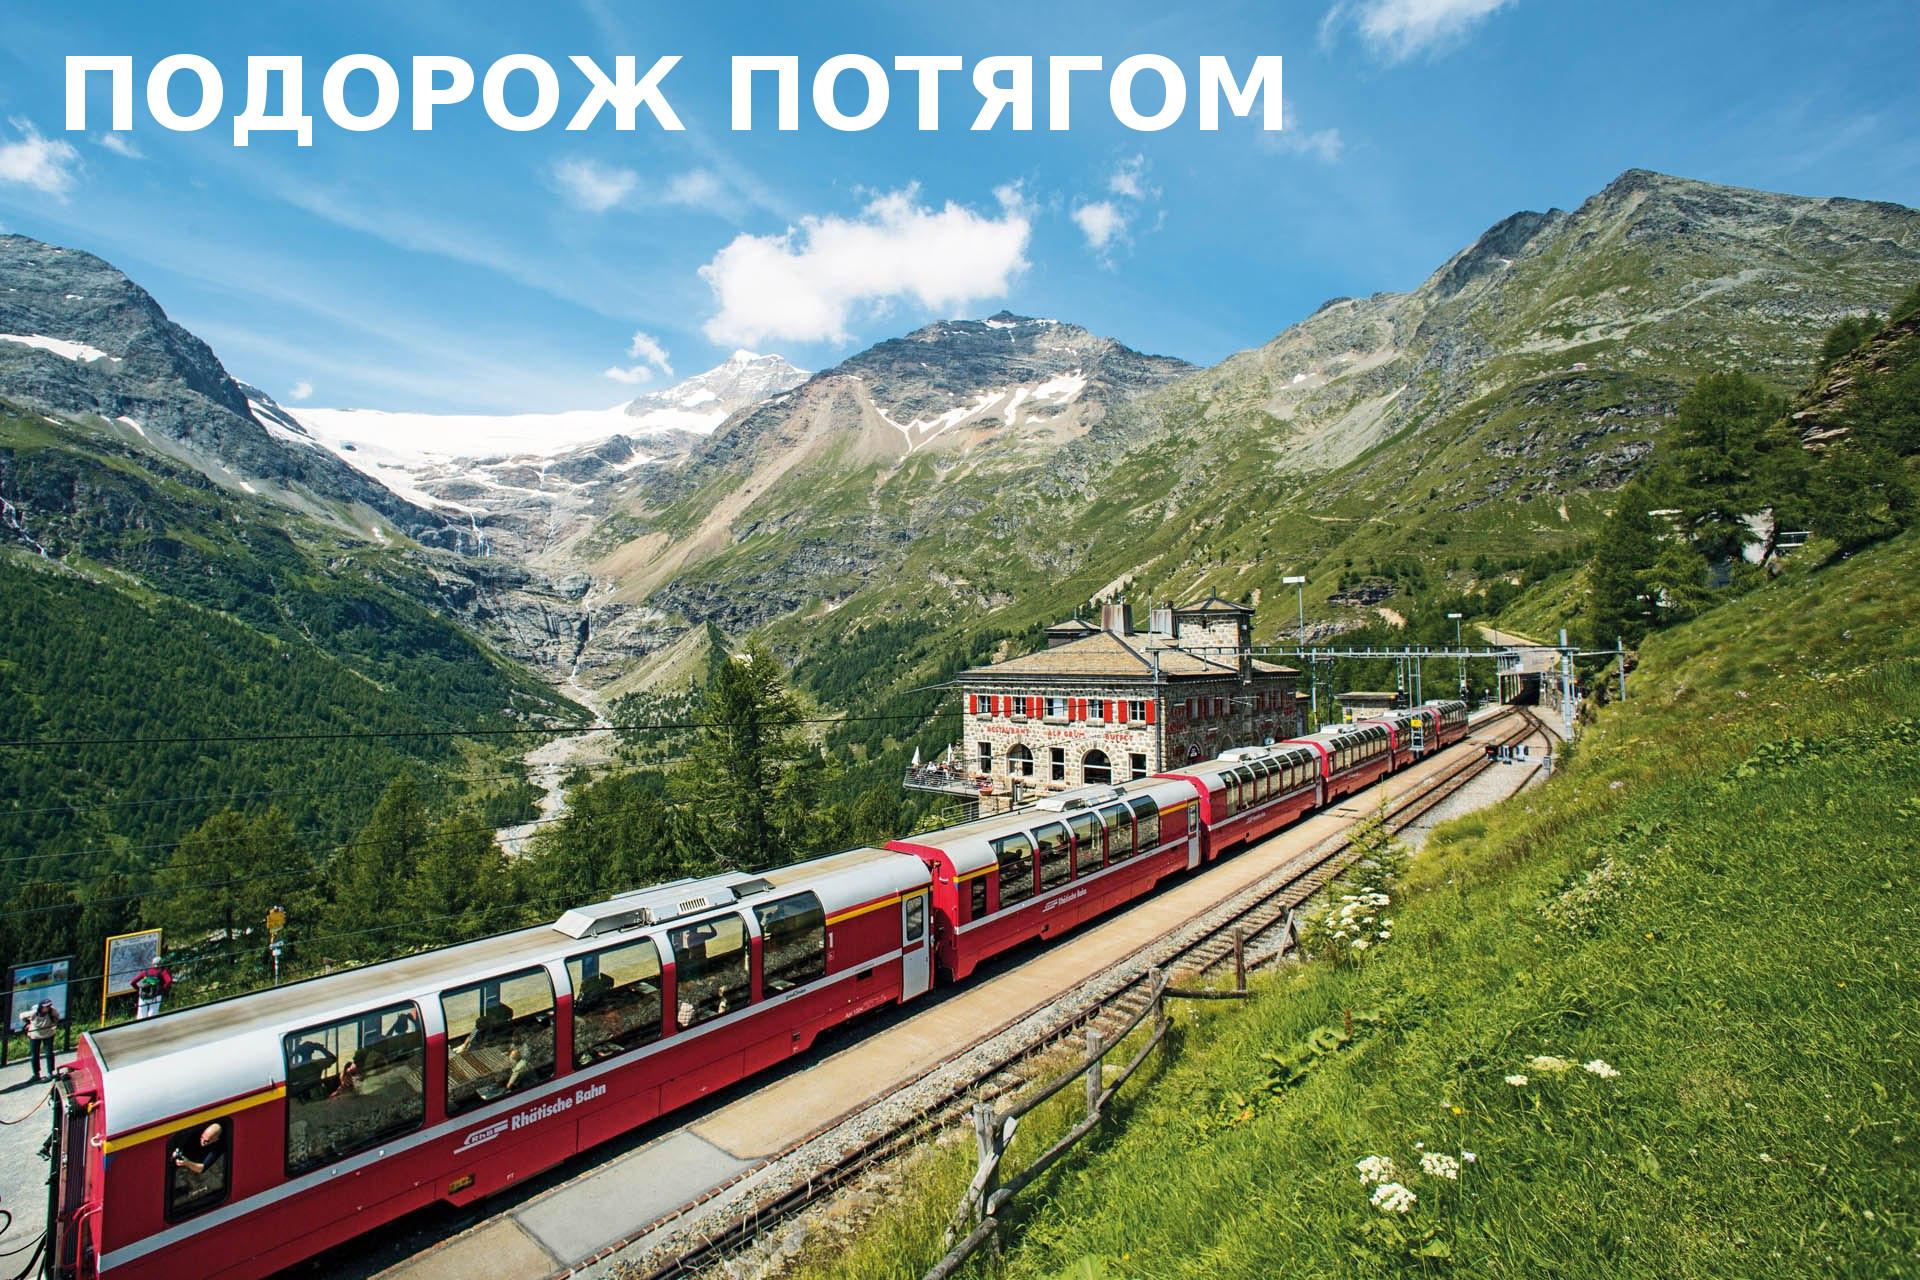 Подорож потягом